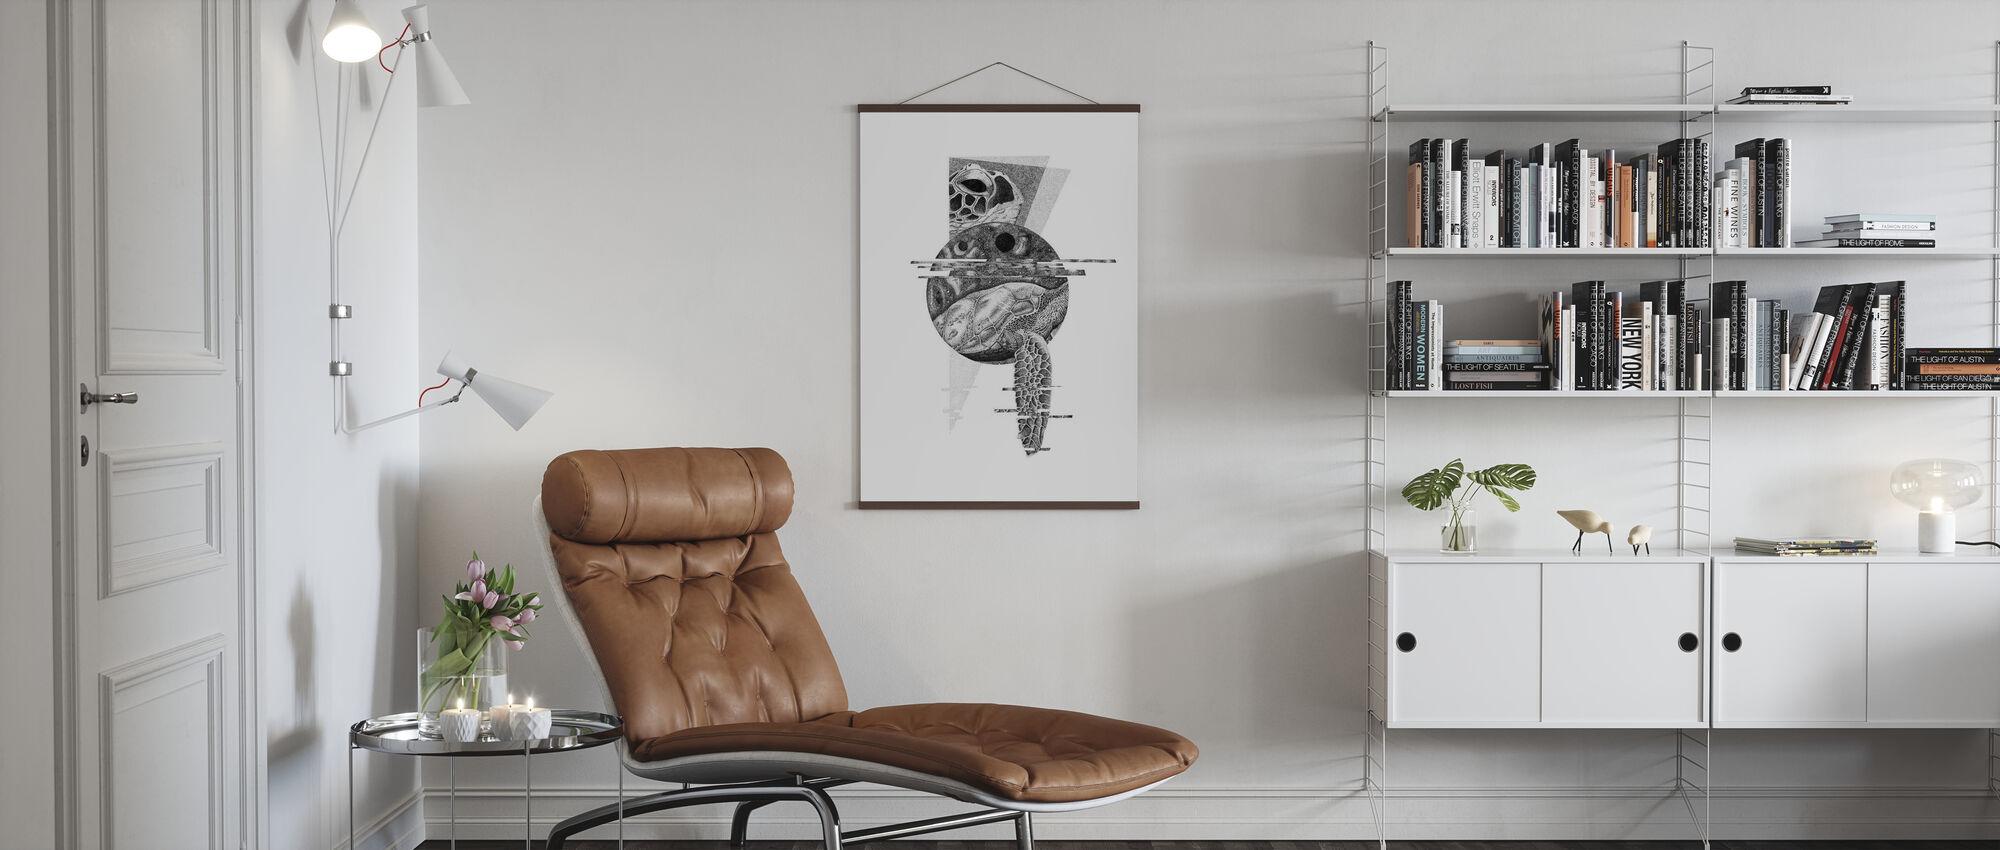 Unterbrochenes Universum II - Poster - Wohnzimmer